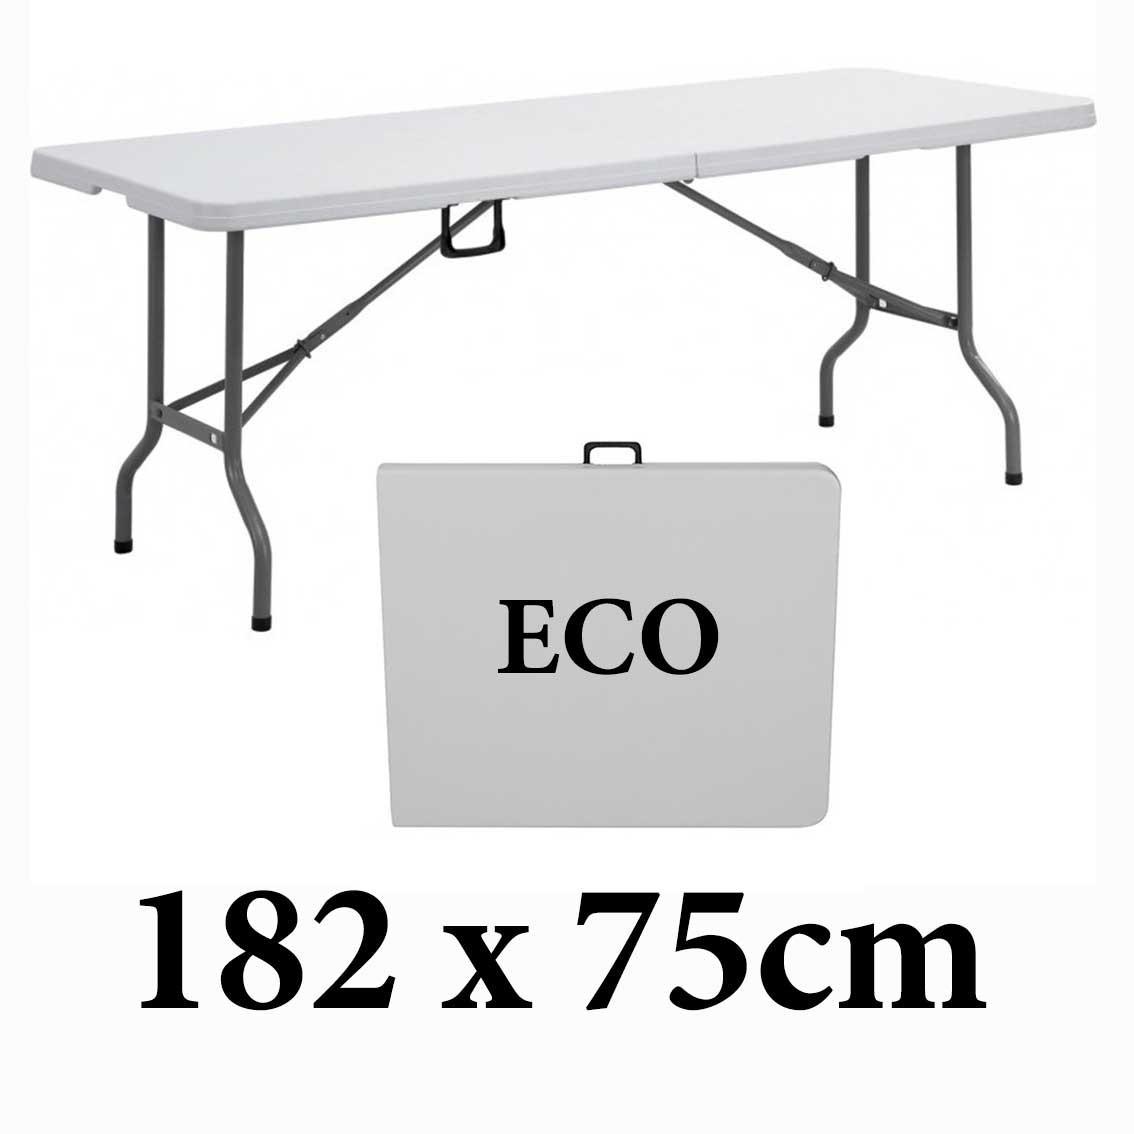 Πτυσσόμενο τραπέζι Milano ECO 182